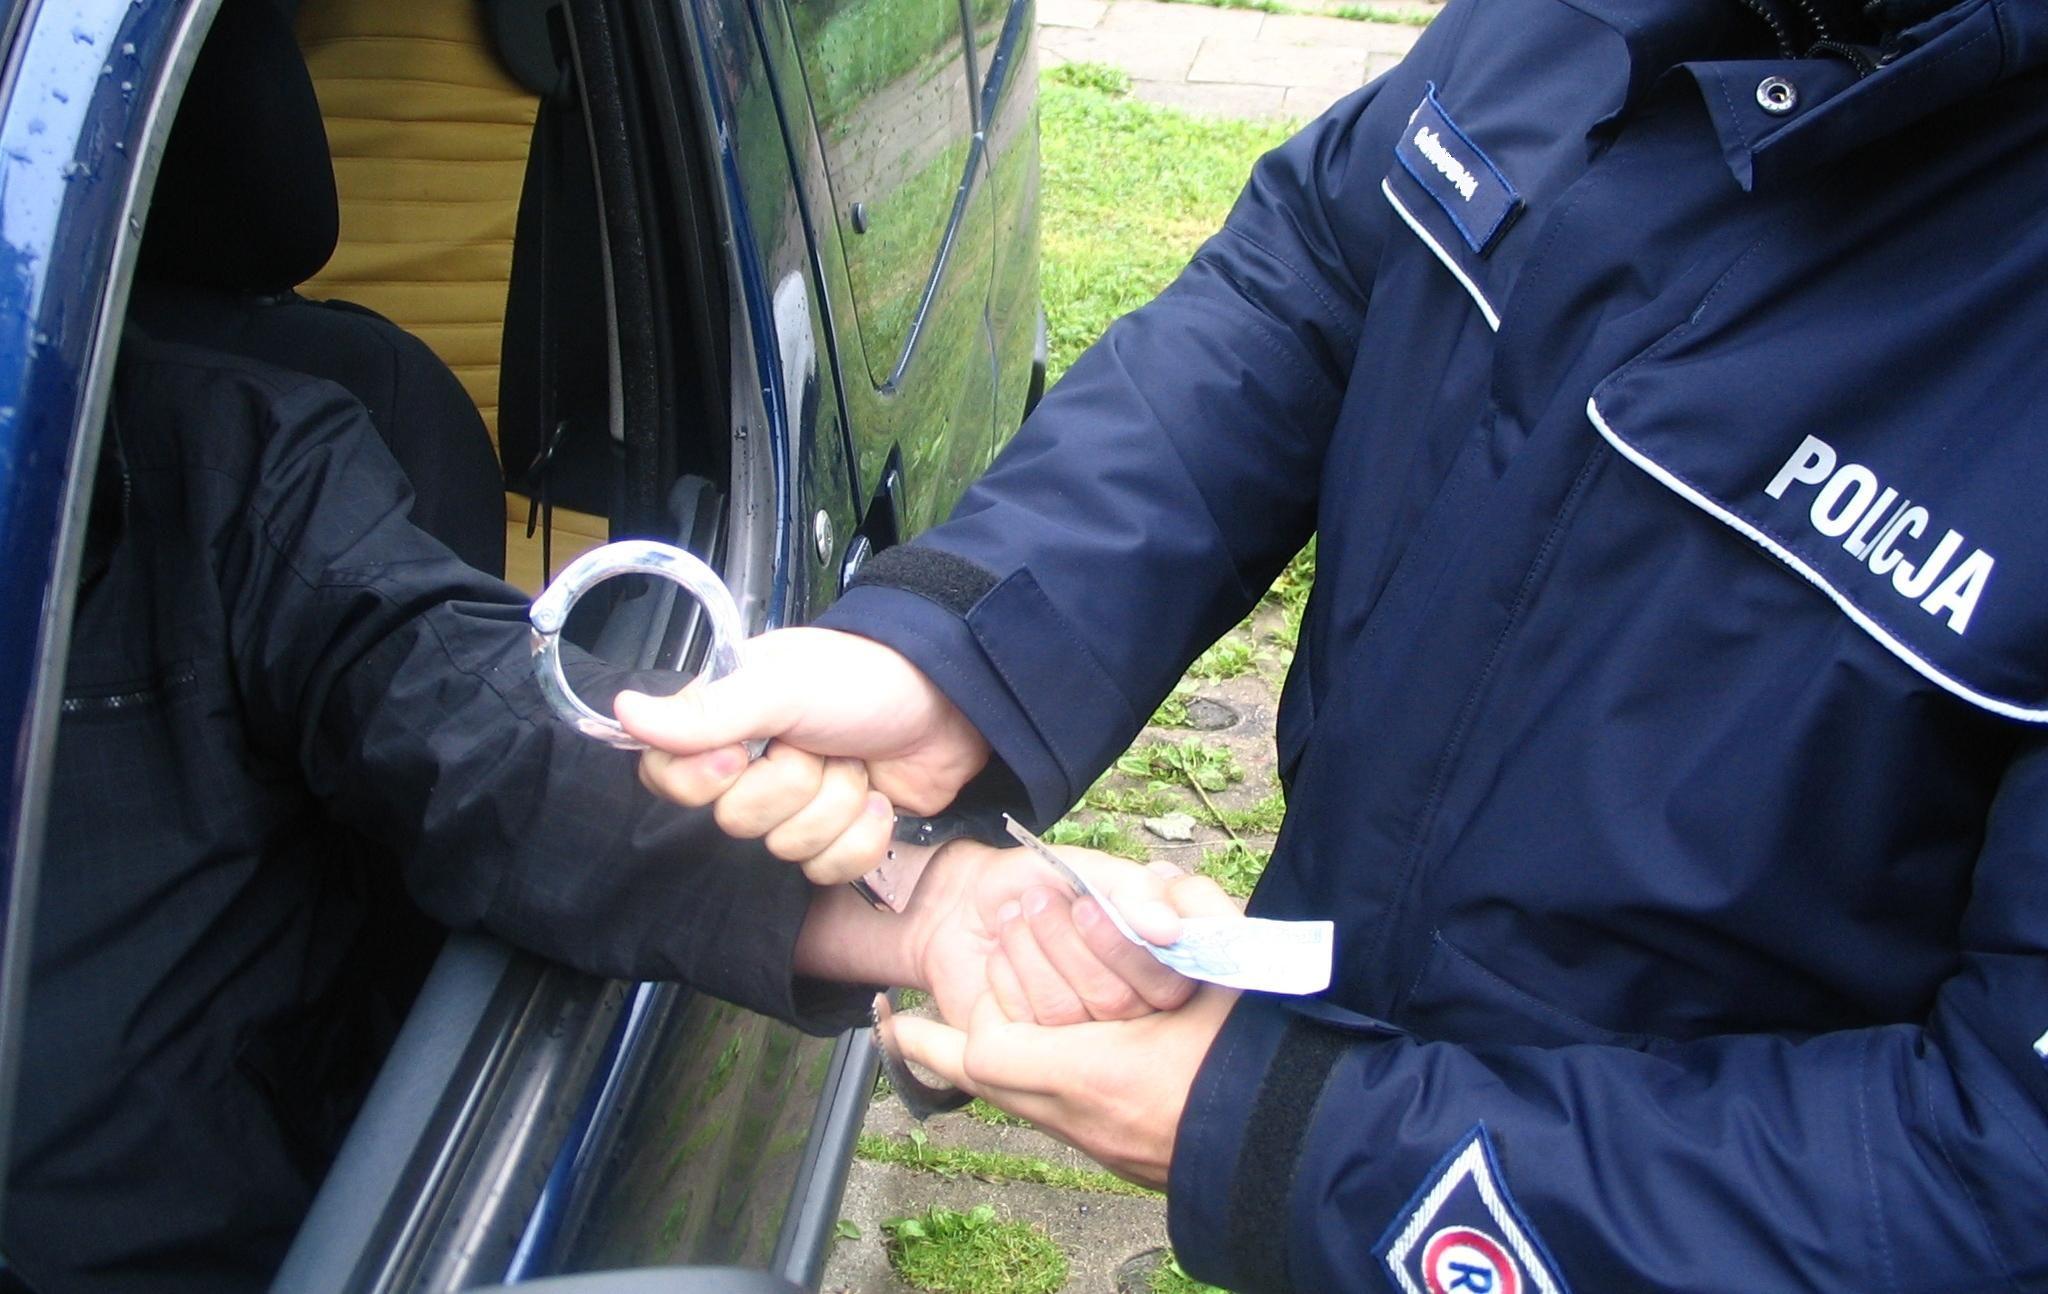 Nie chciał mandatu, chciał wręczyć policjantowi łapówkę. Nie przeszło